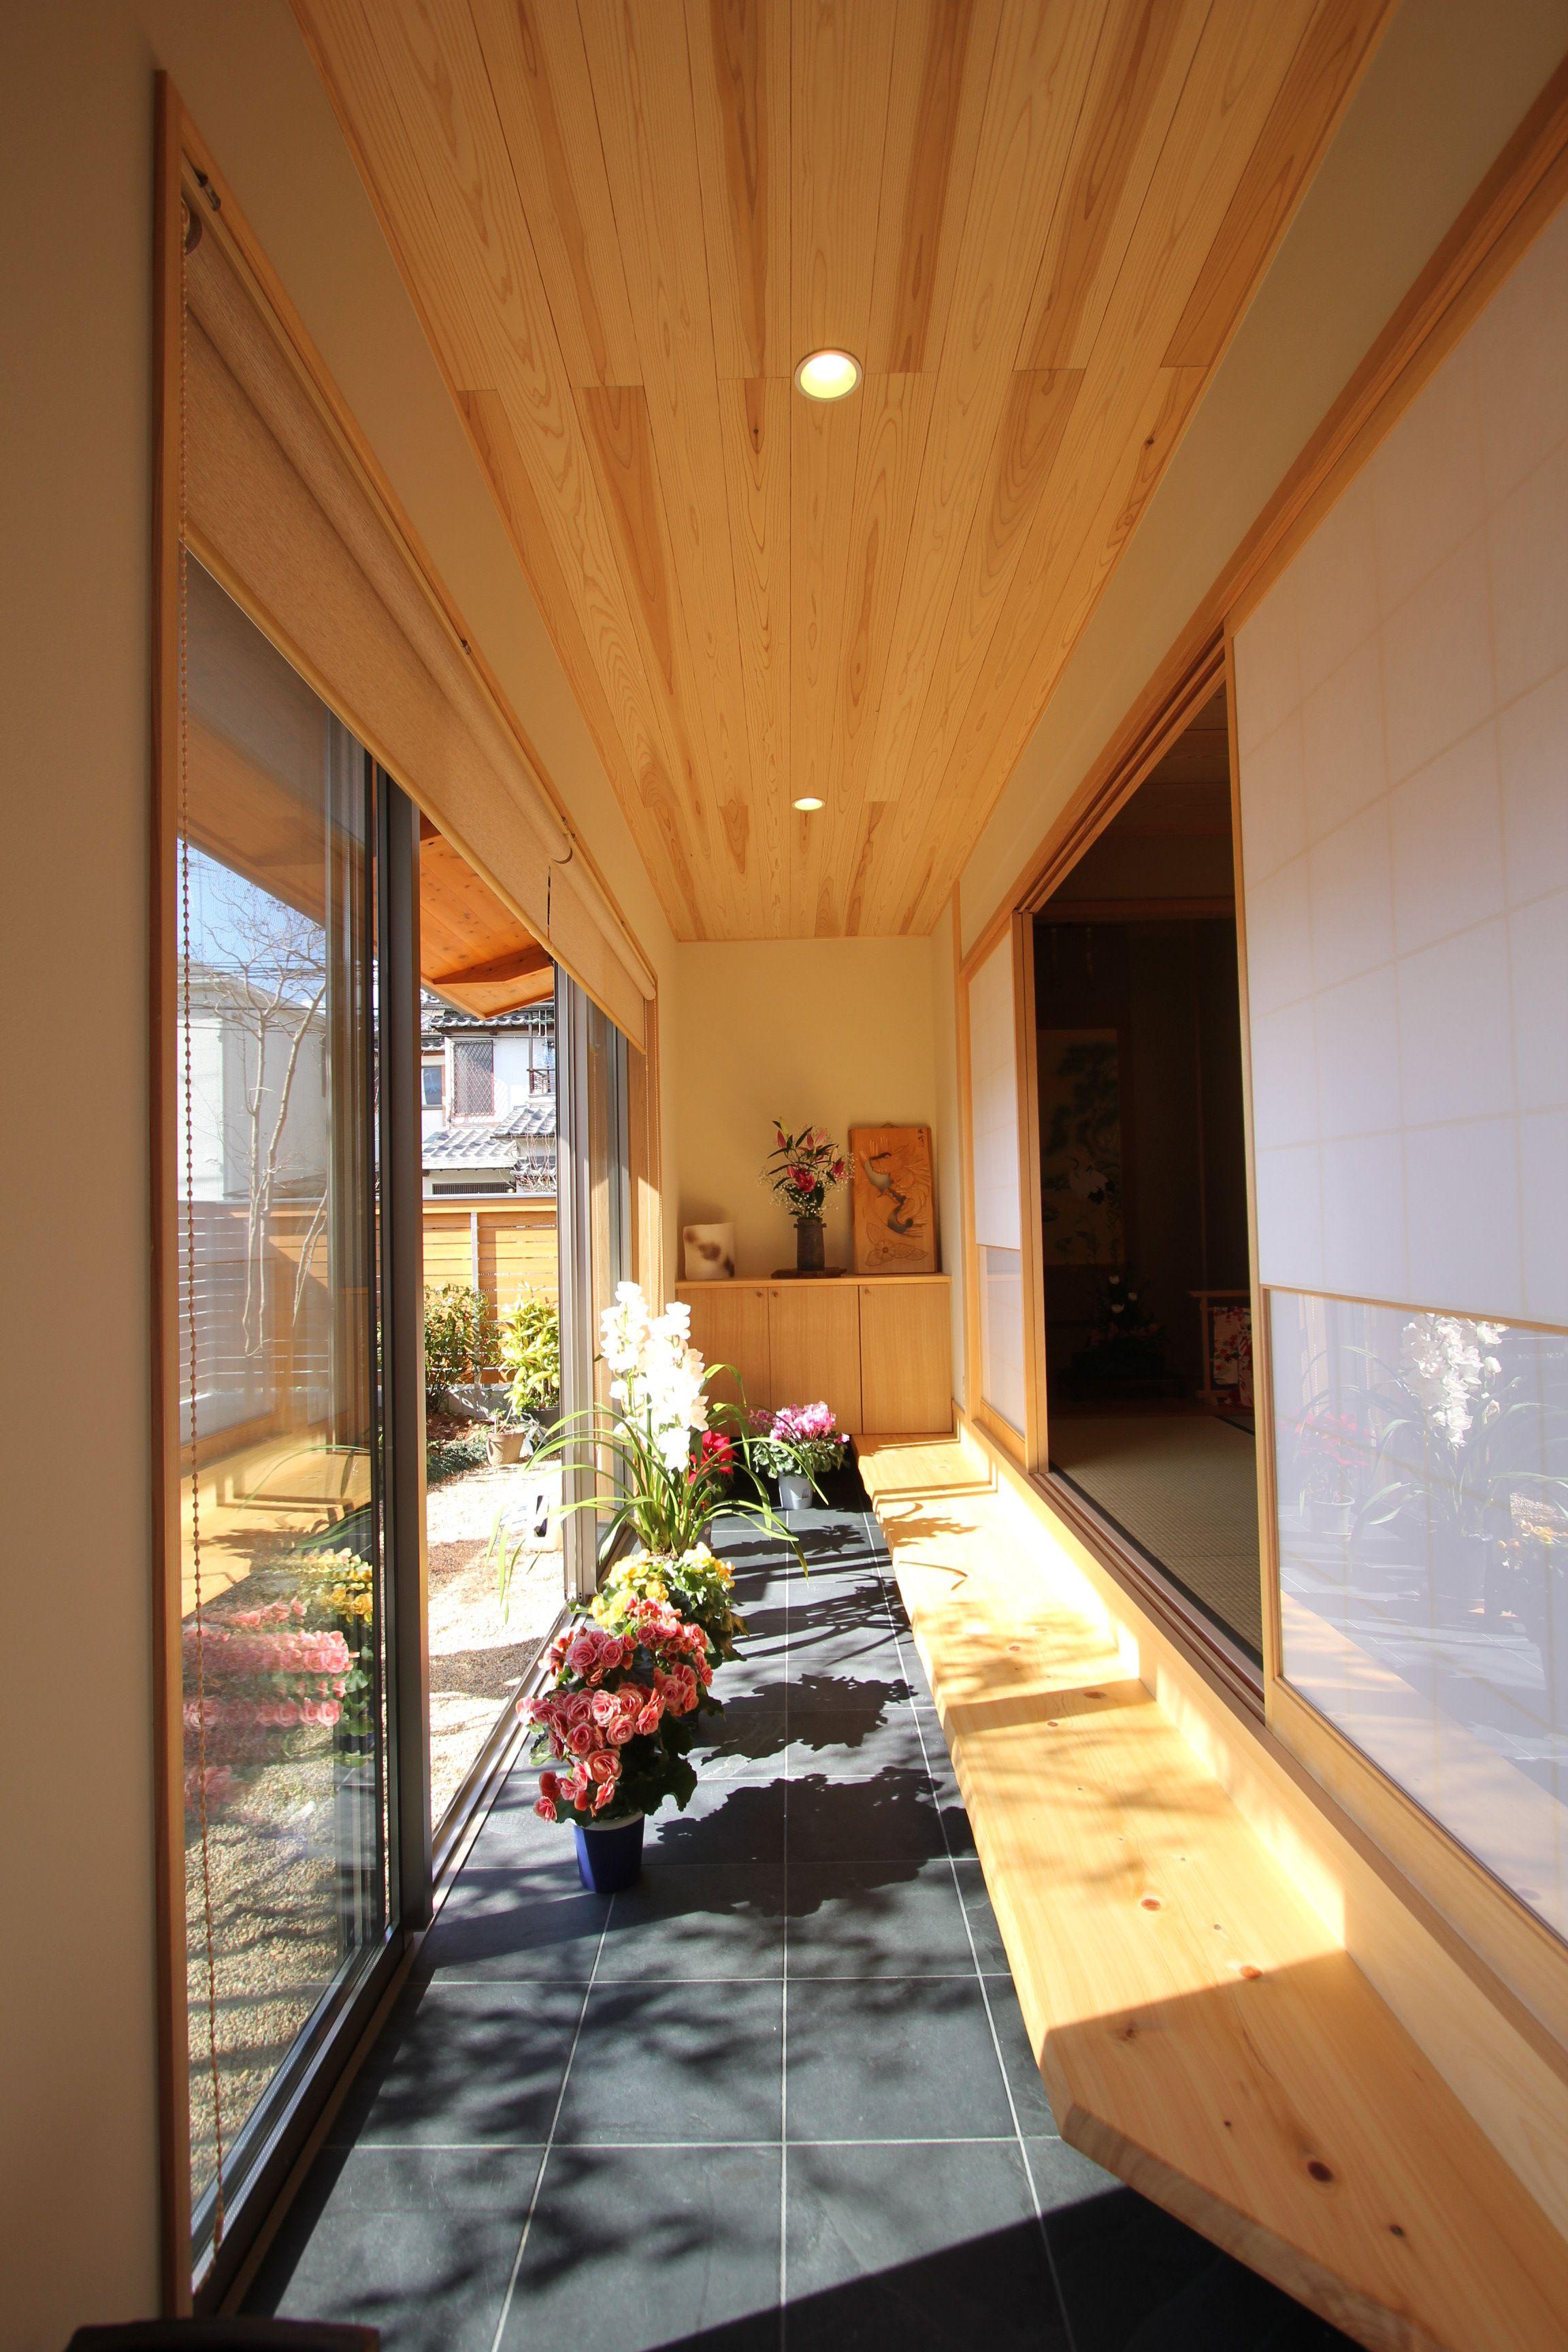 玄関土間は庭ともつながる縁側のような役割も兼ねています 縁側の